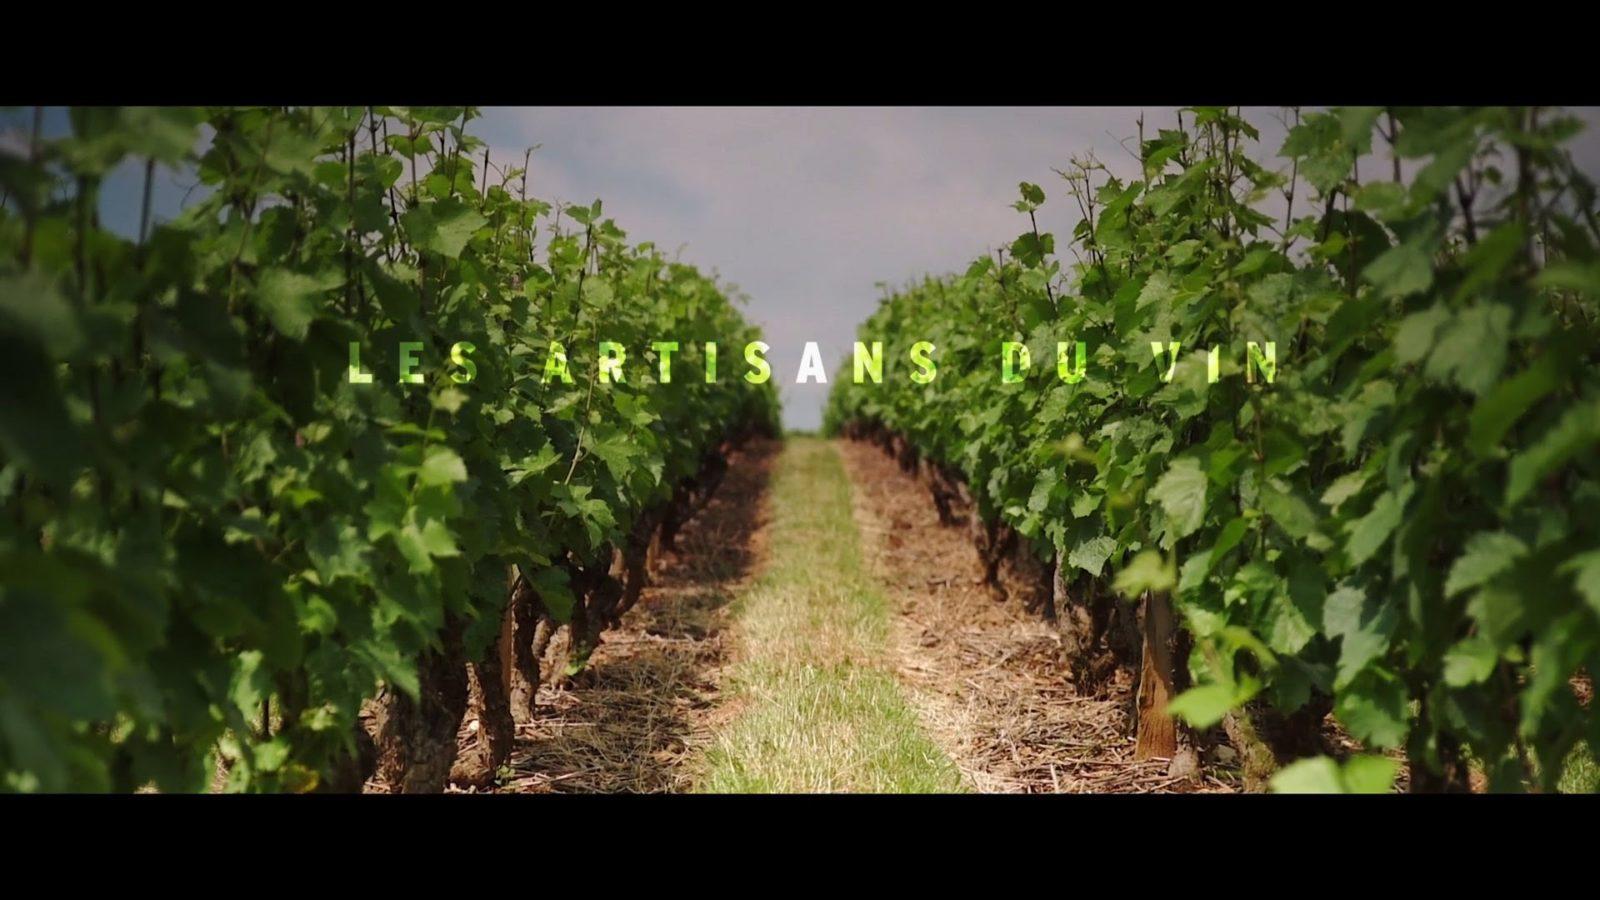 Beaujolais Nouveaux – Les artisans du vin